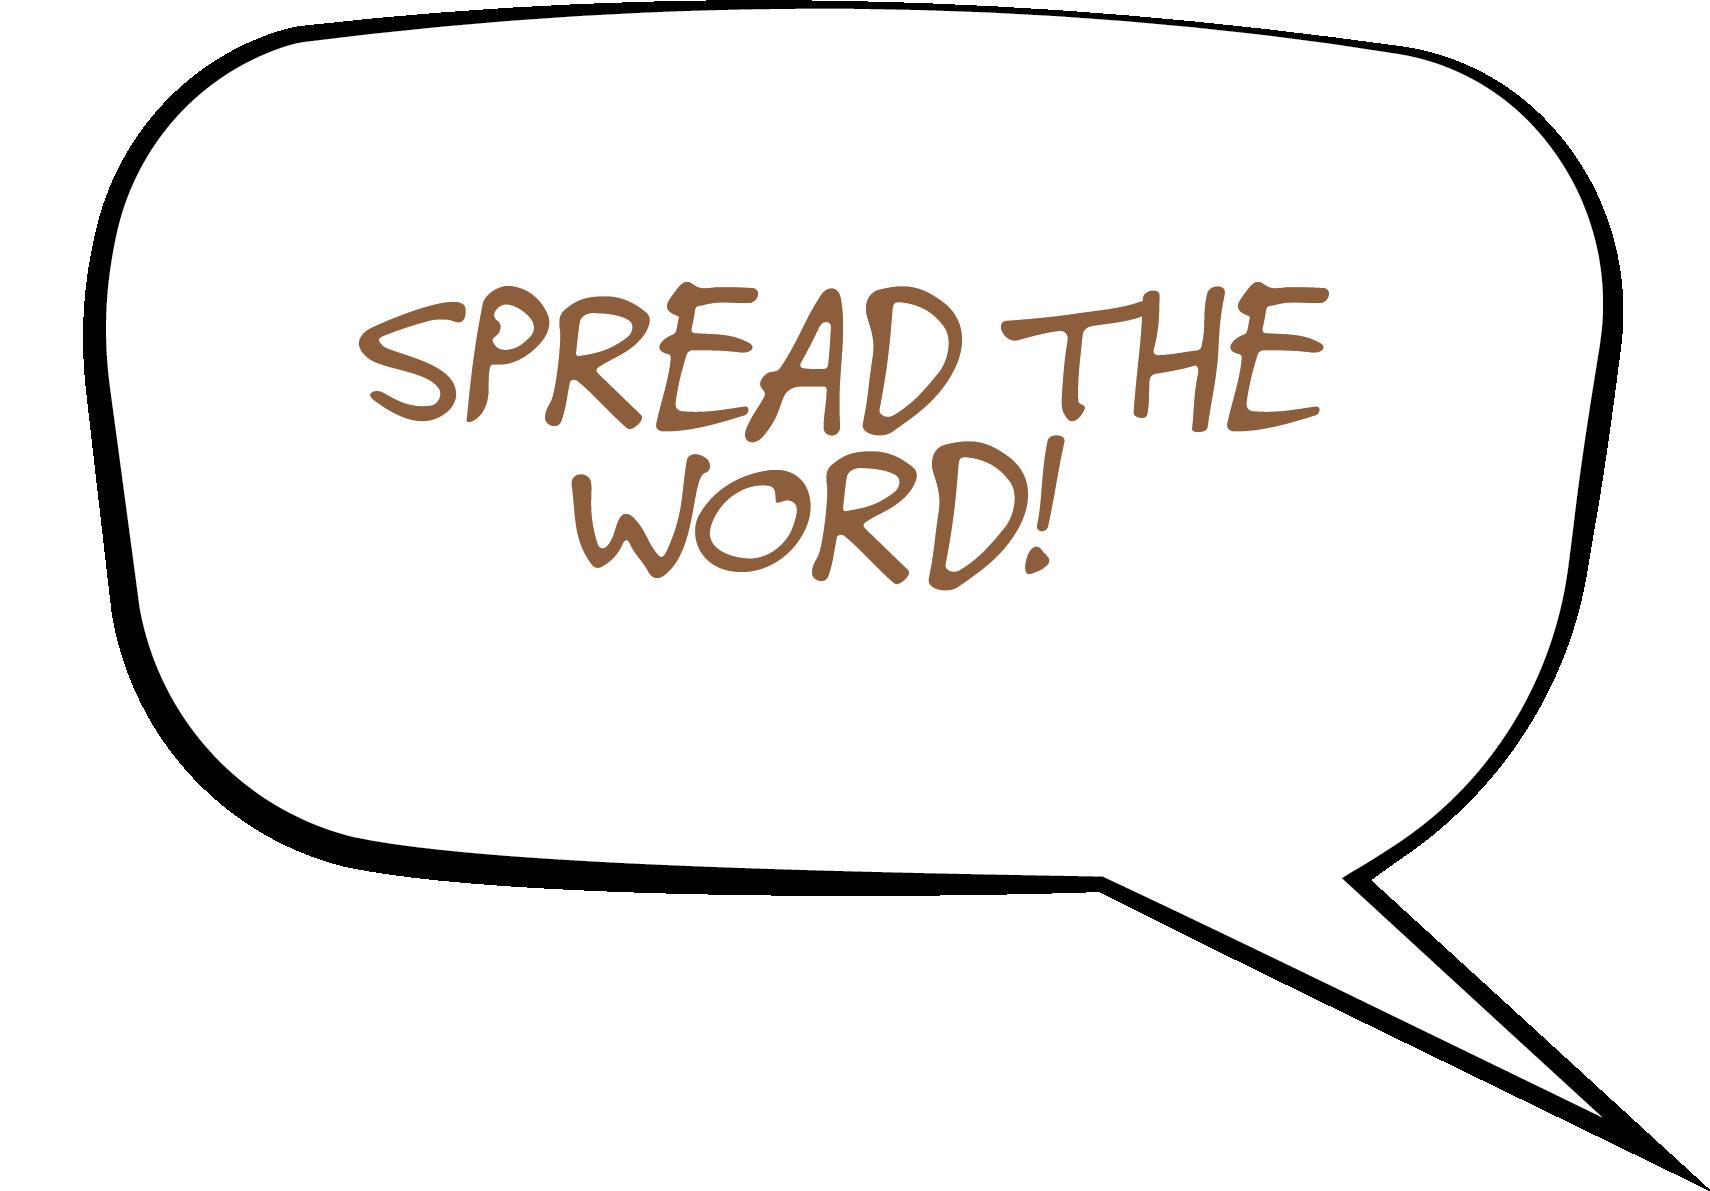 Speech_Text_Spread.png